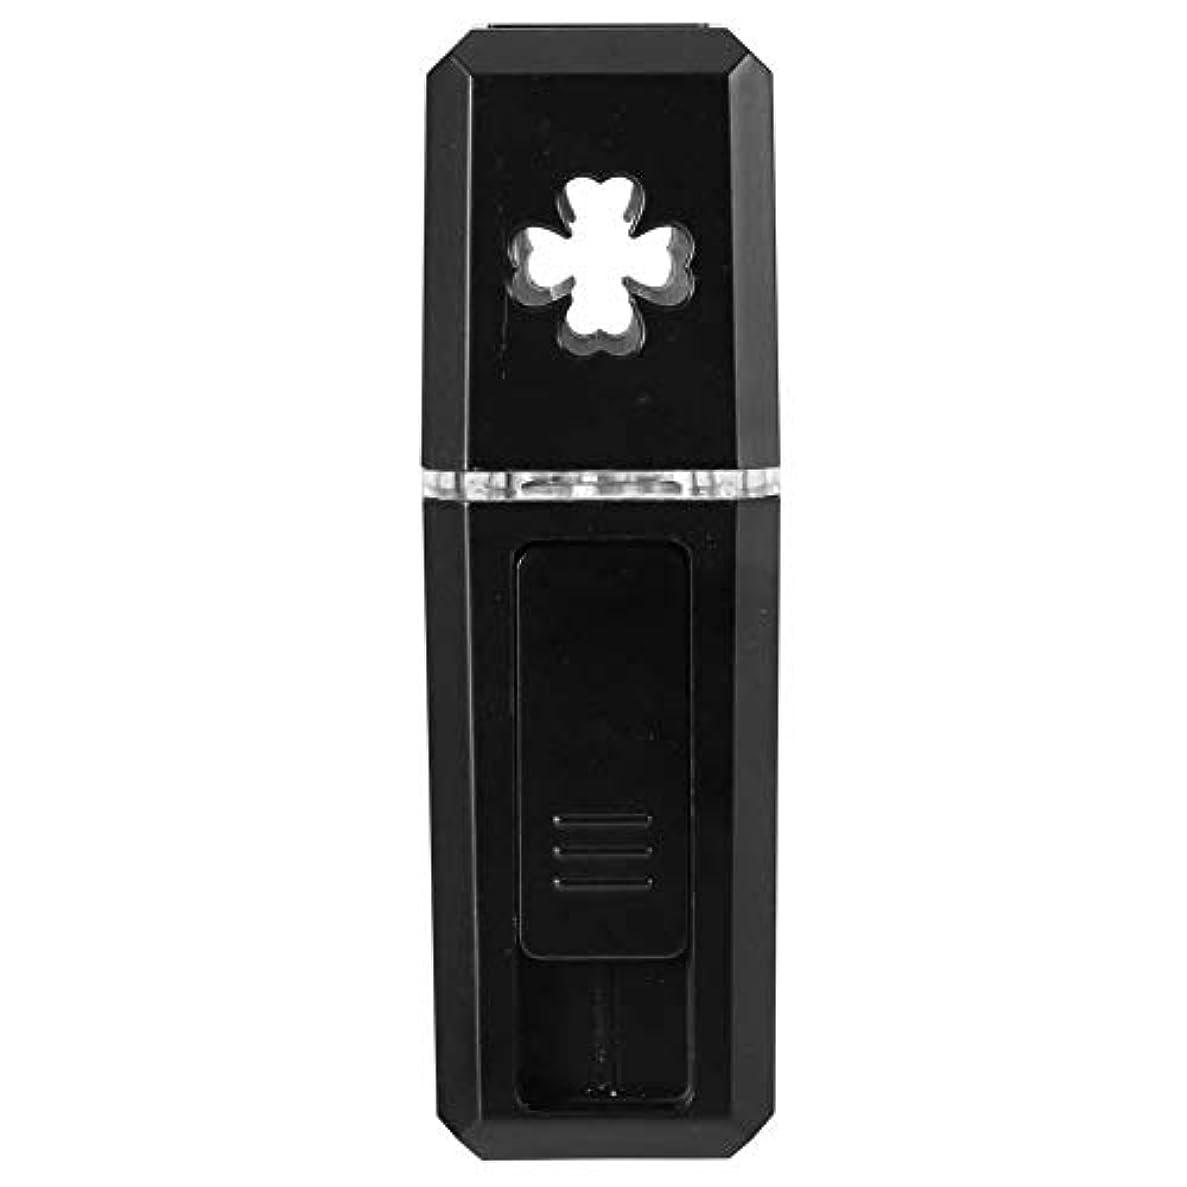 気分が悪い道路を作るプロセス苦い20ml口紅サイズミスト噴霧器、USB充電で保湿する便利なナノ噴霧機(02)